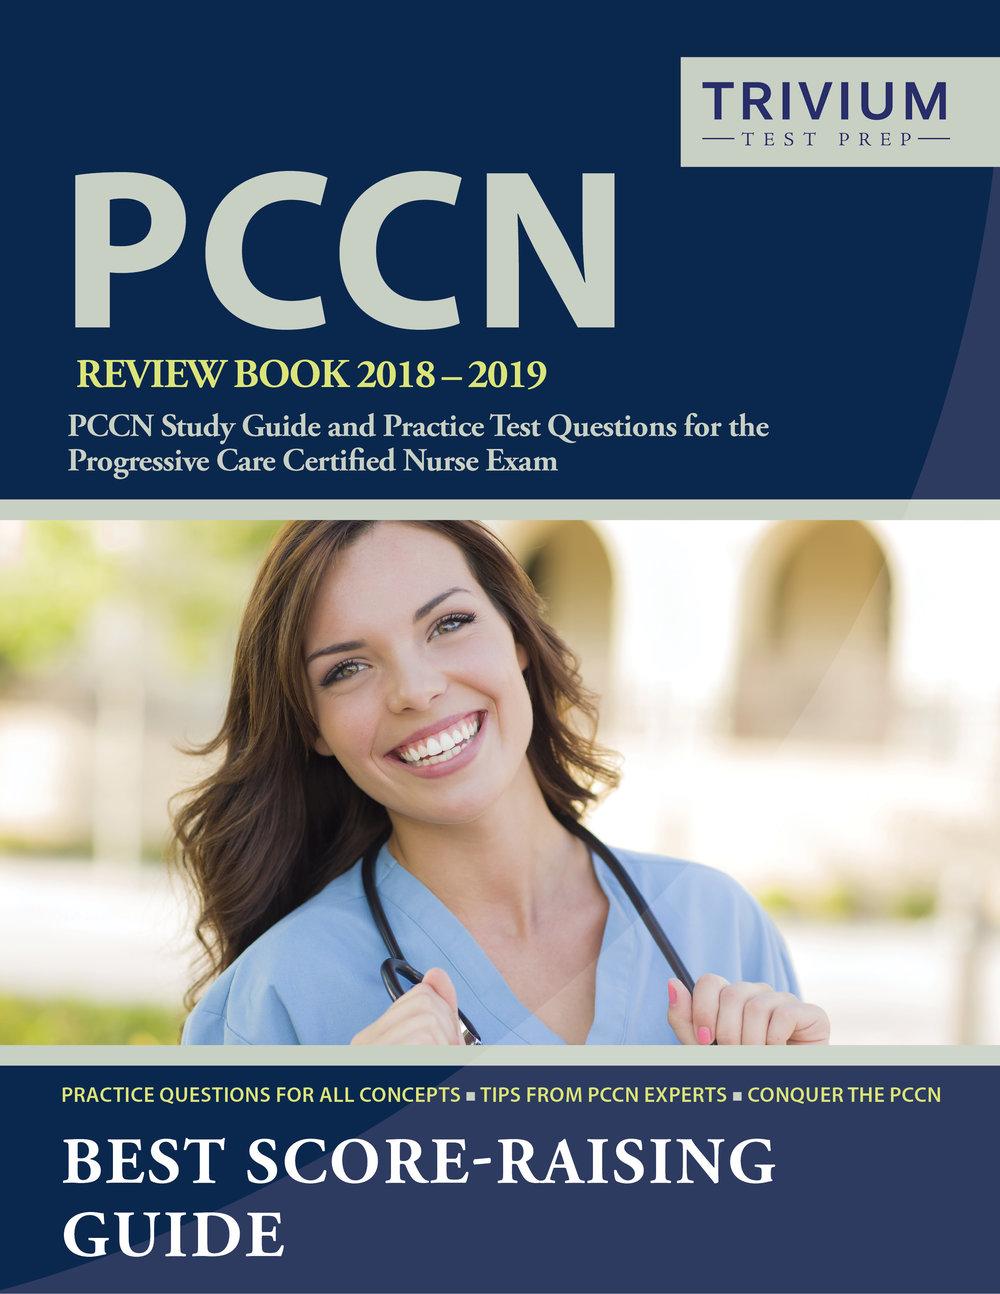 PCCN 2018